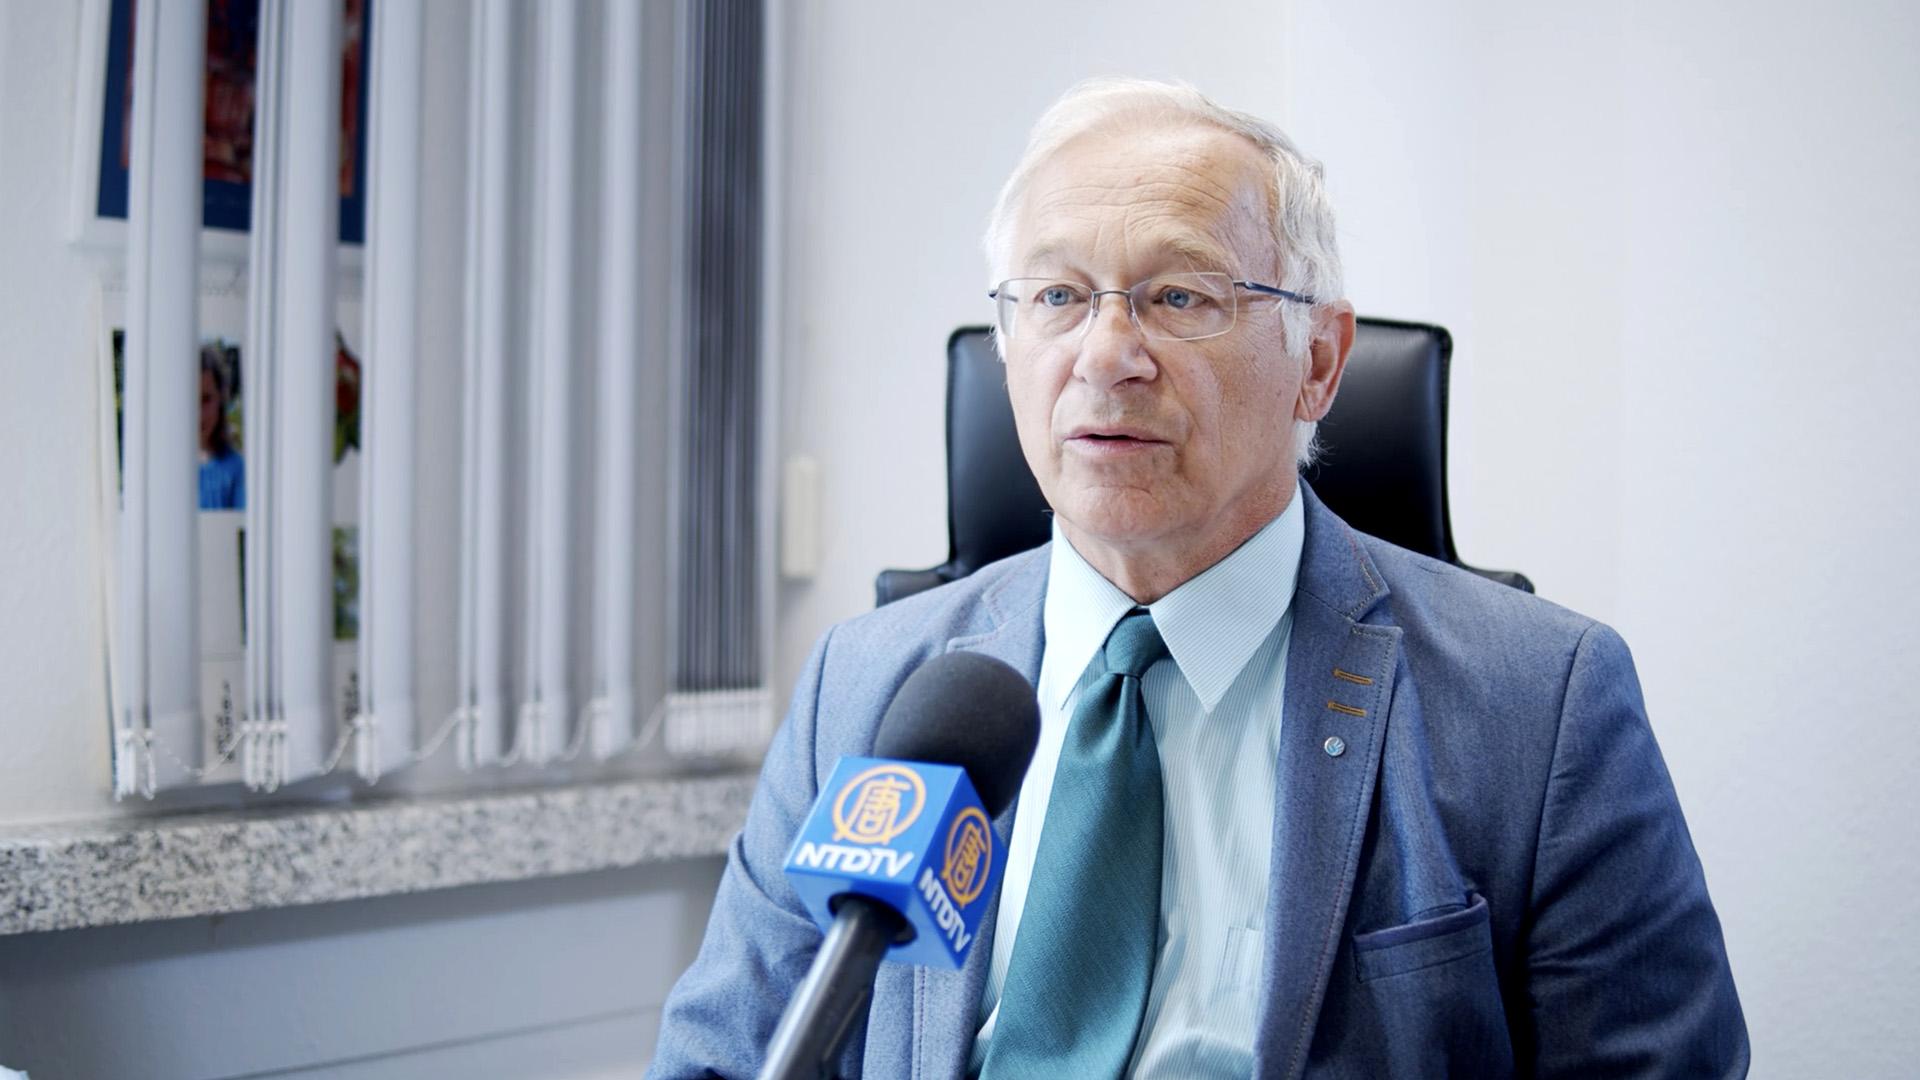 德國國會議員、國會人權委員會委員帕策爾特(Martin Patzelt)在法輪功遭受迫害20周年前夕,接受新唐人電視台採訪。(新唐人電視台)